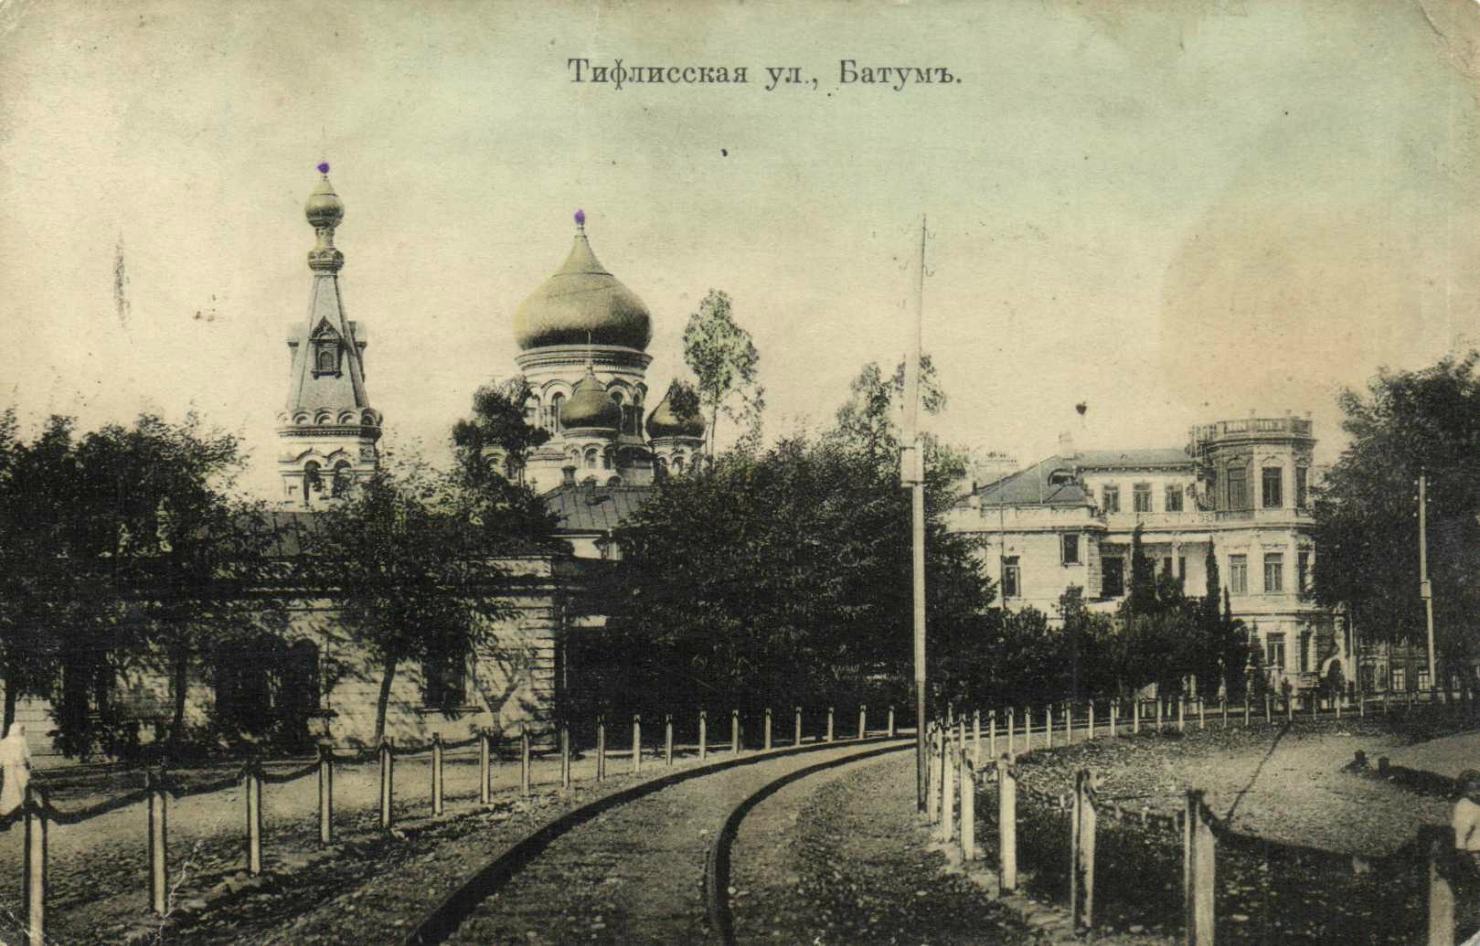 Тифлисская улица